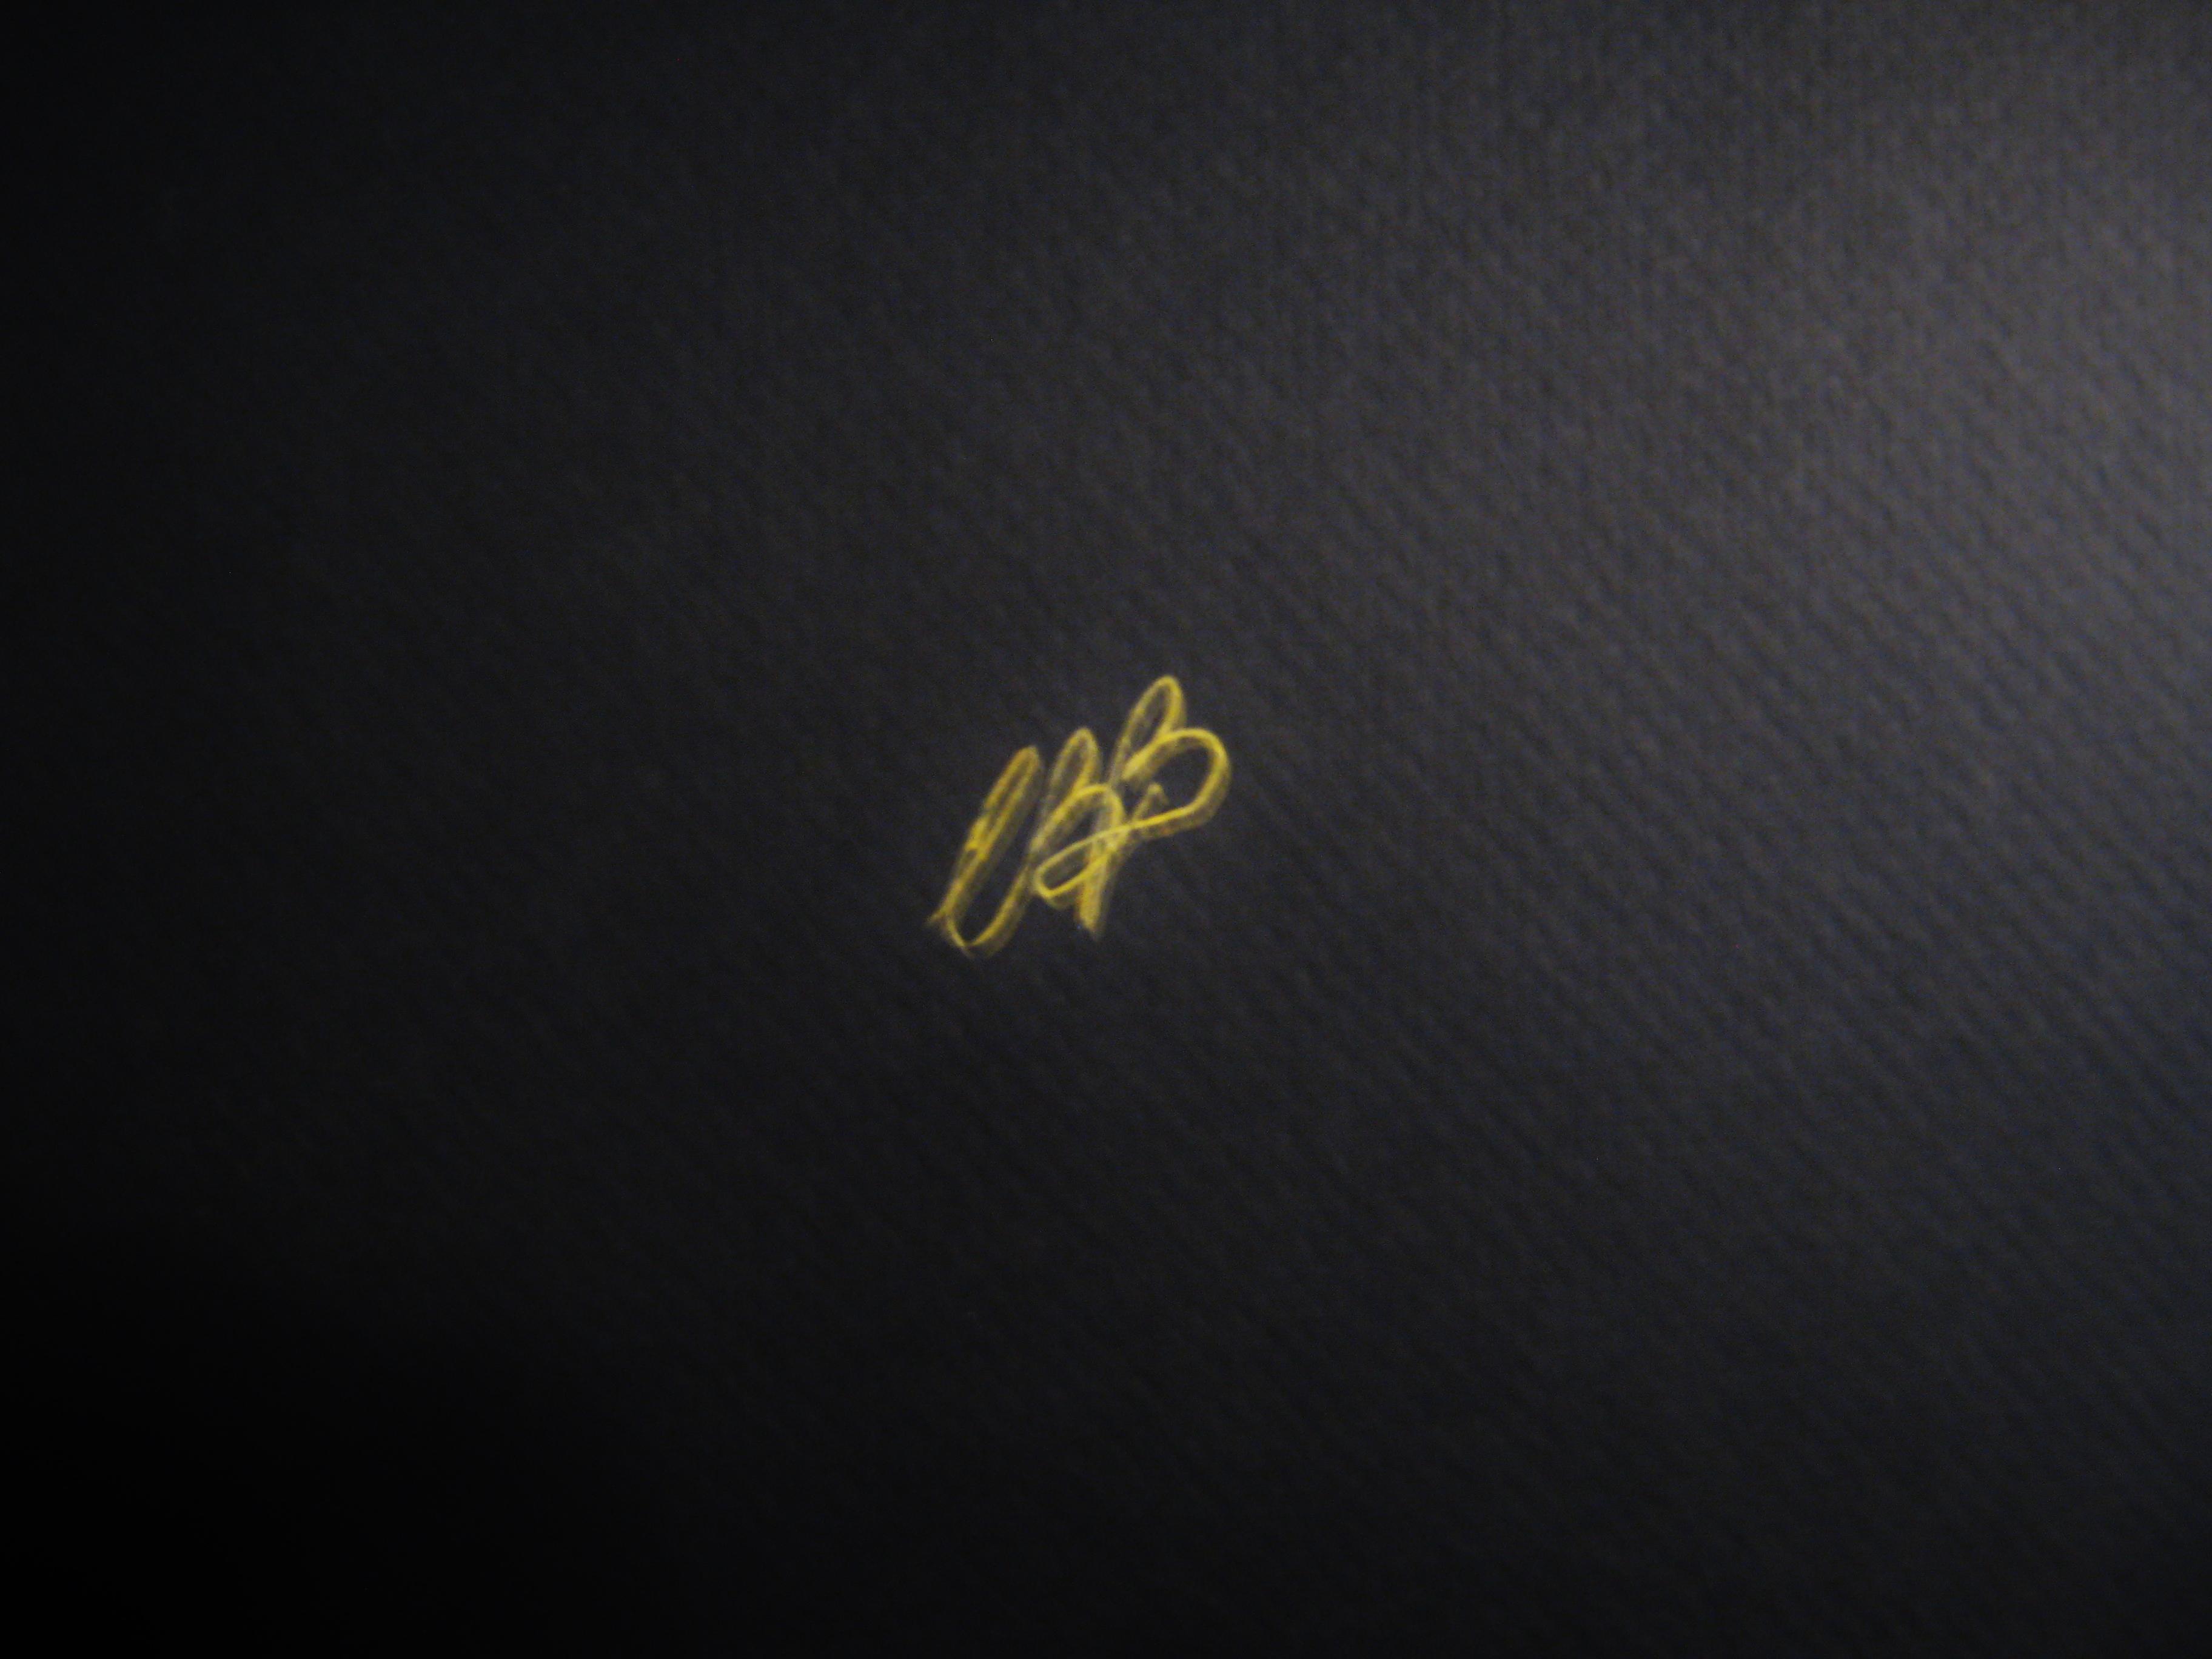 CR Bravo's Signature